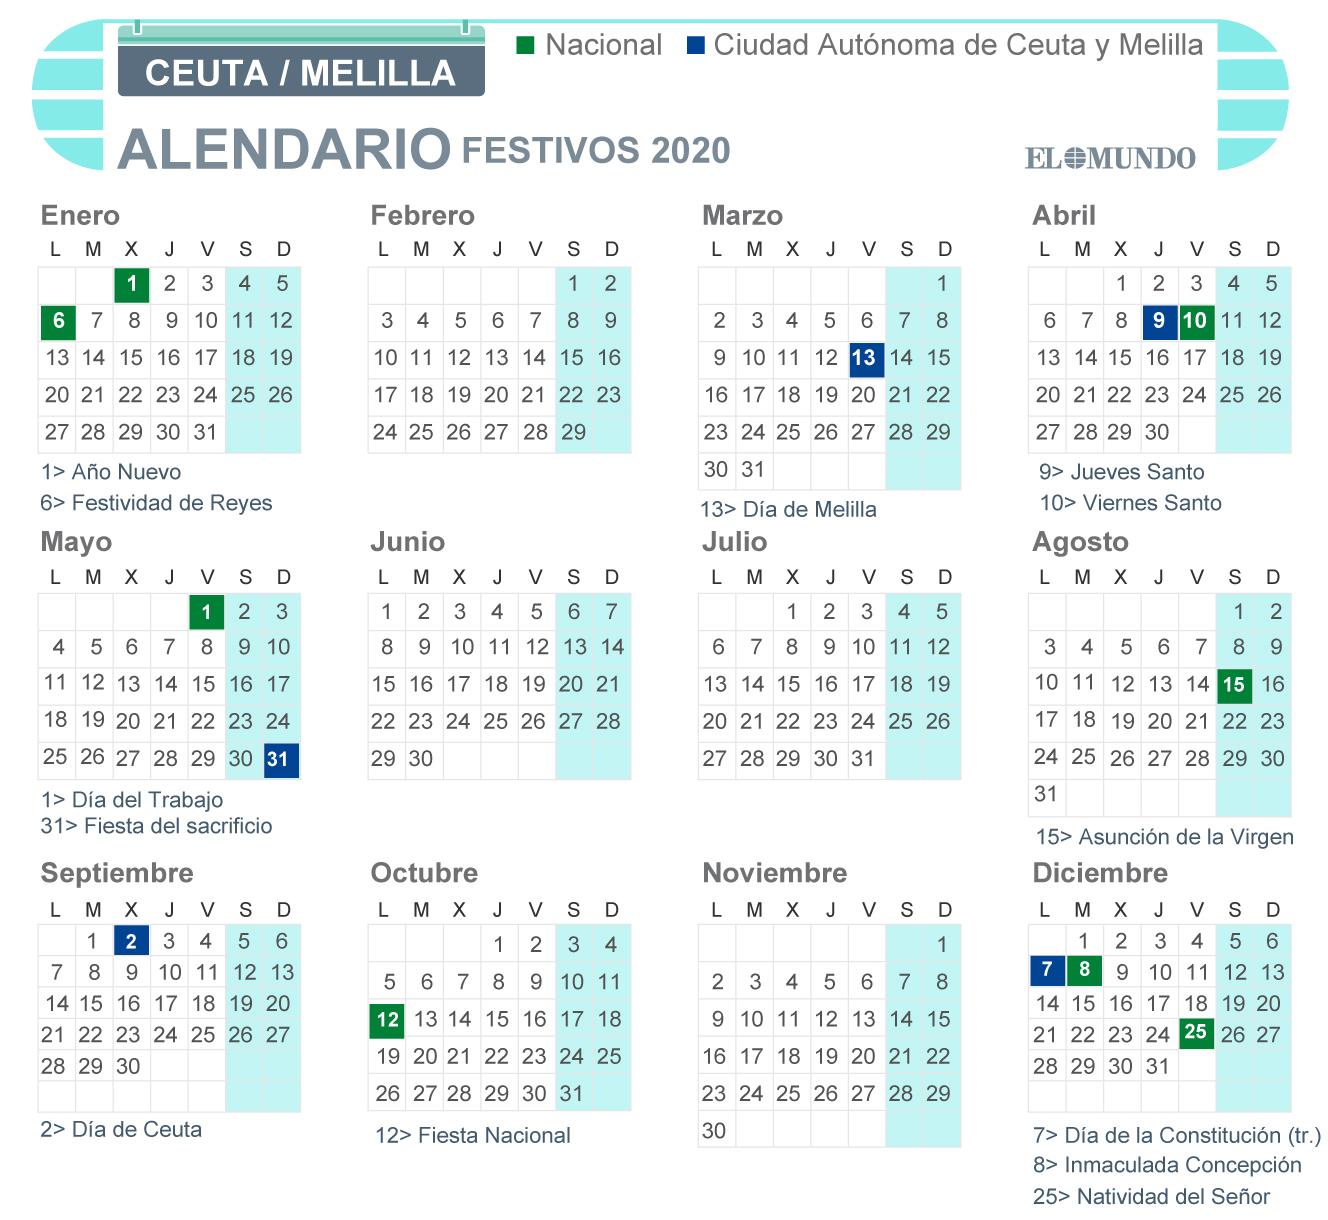 Calendario laboral 2020 de Ceuta y Melilla